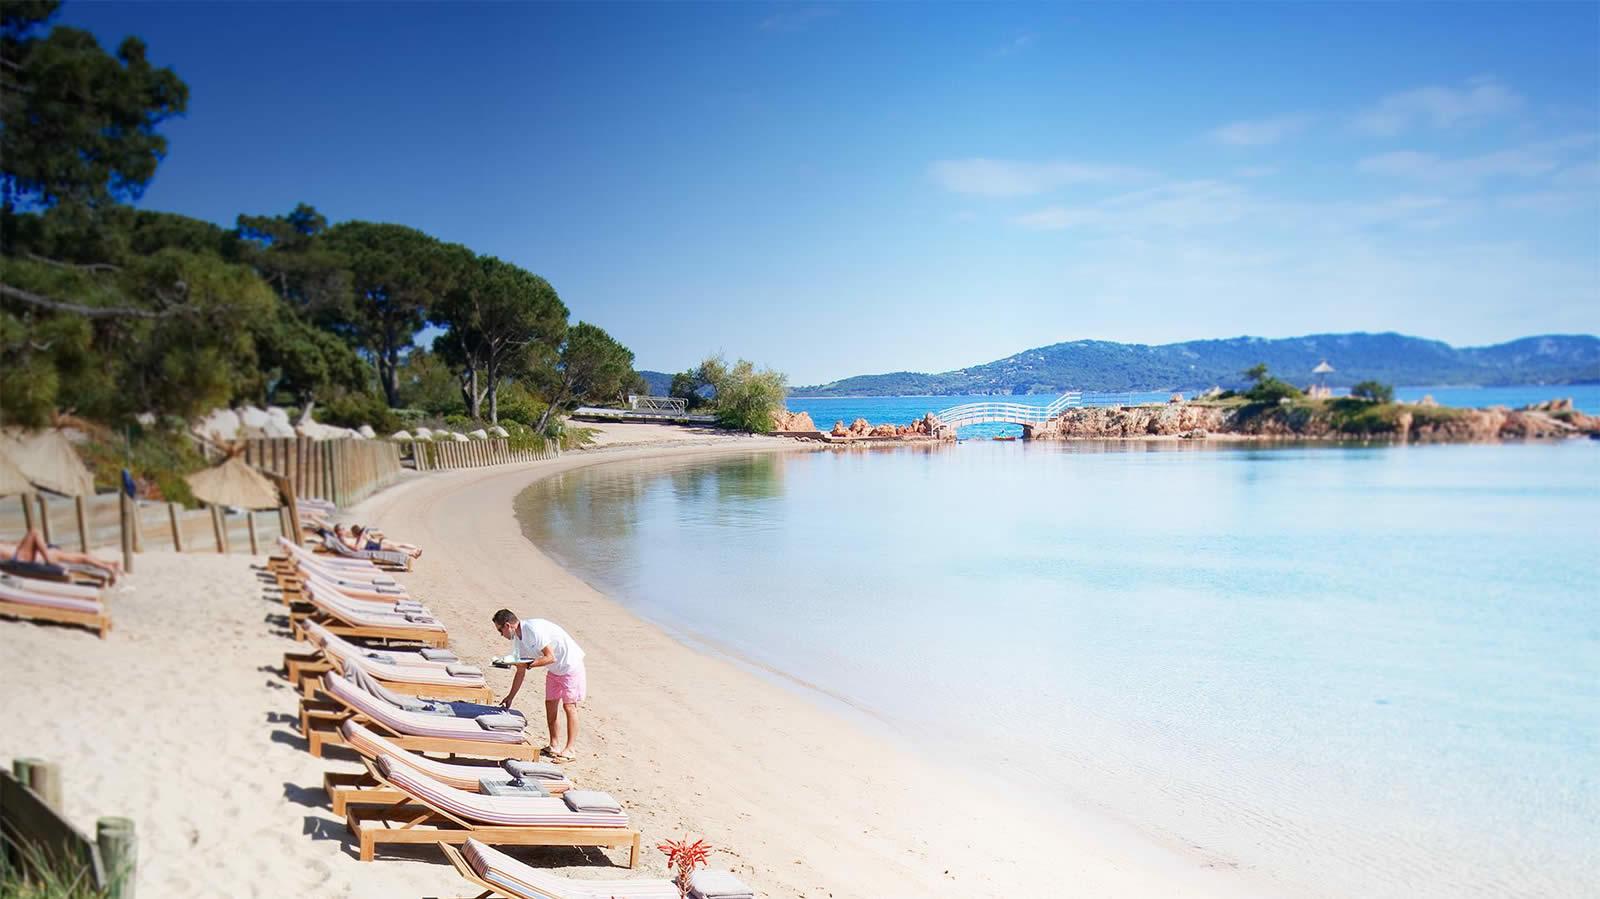 Tramulimacchia Beach in Lecci - South Corsica - France